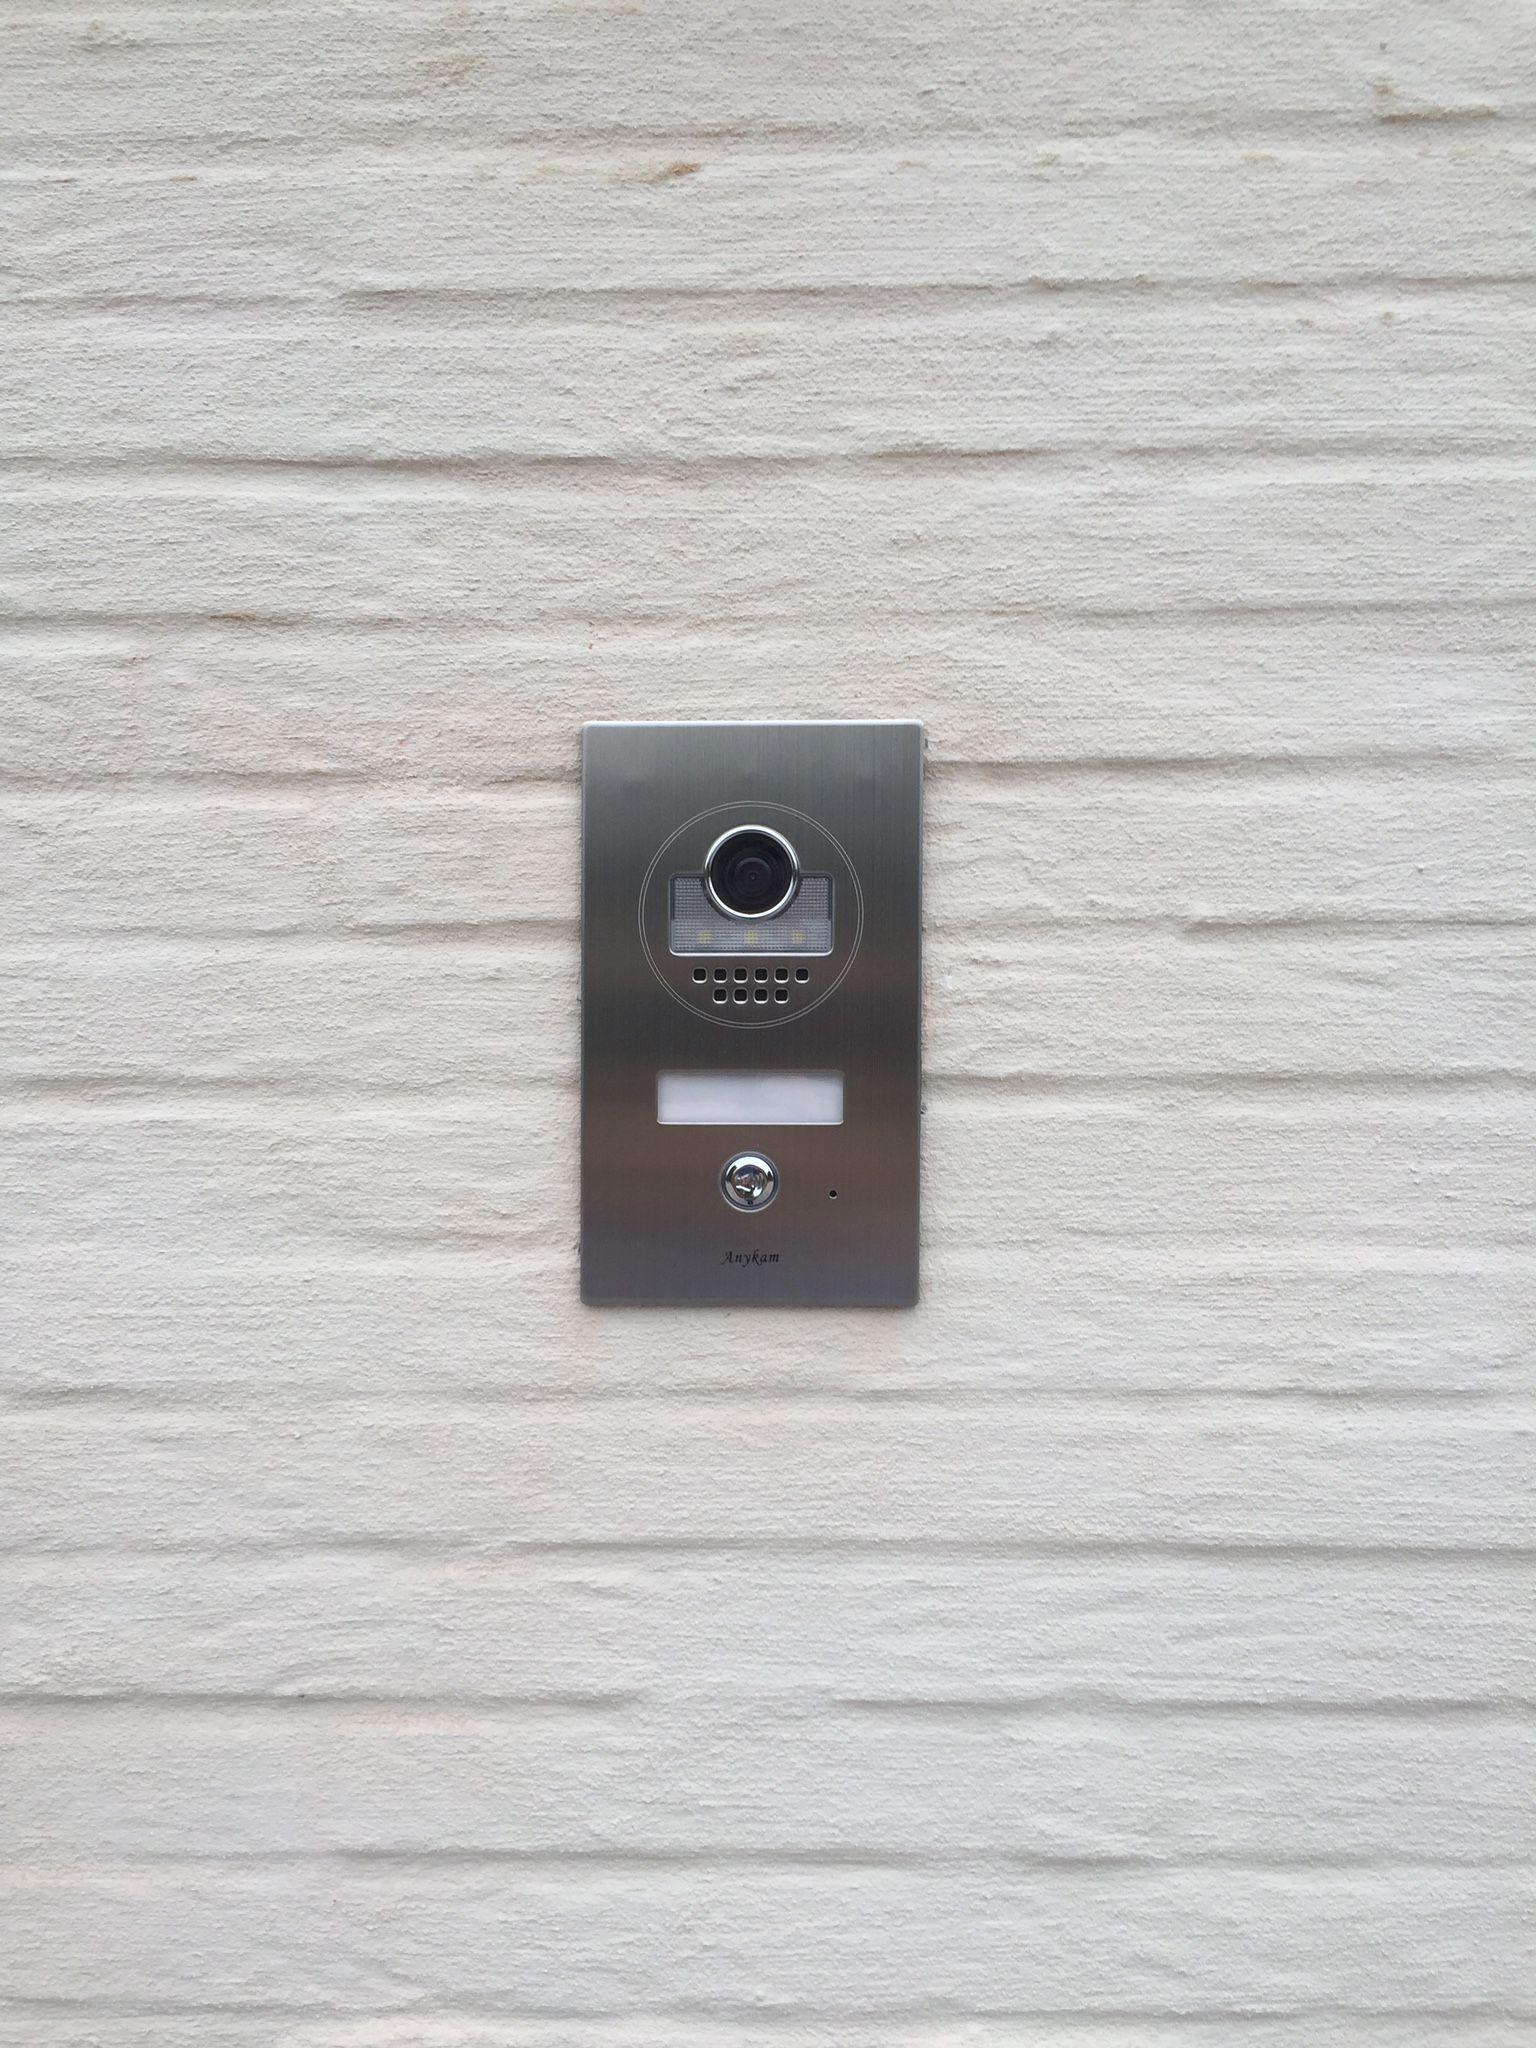 Pin van Inge Braeckman op BVK Security